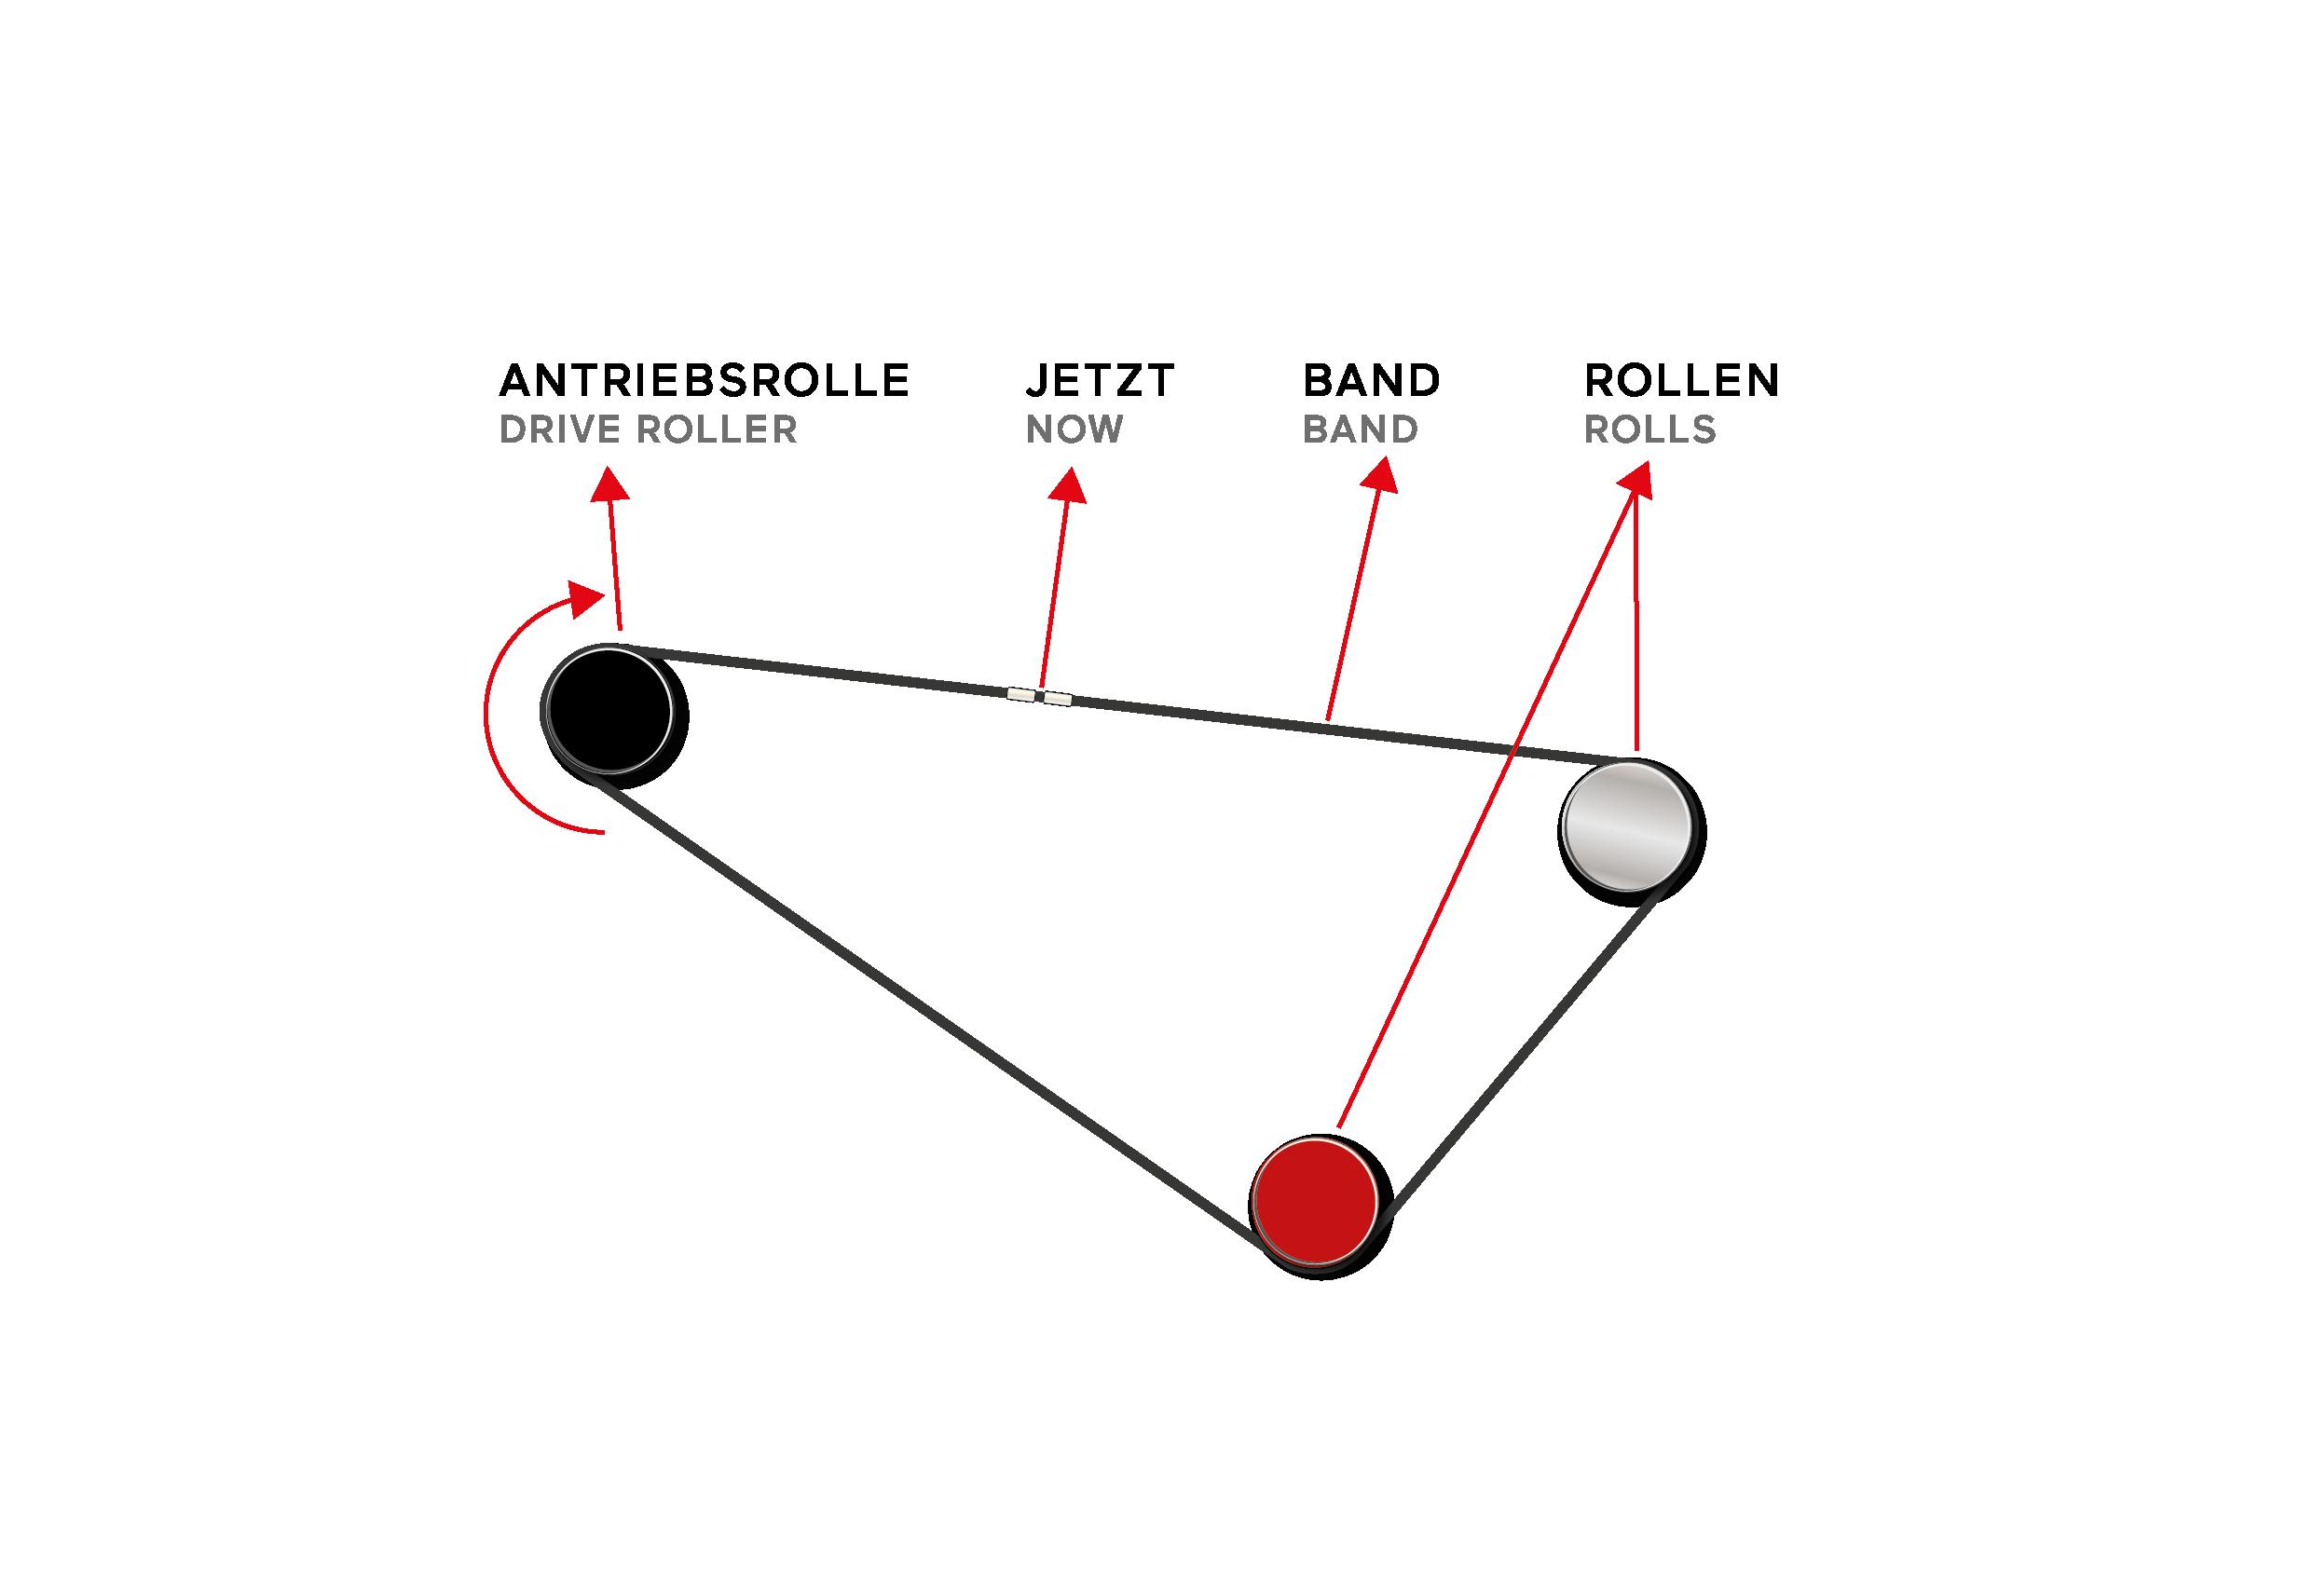 LoC_Funktionsprinzip_Zeichenfläche 1